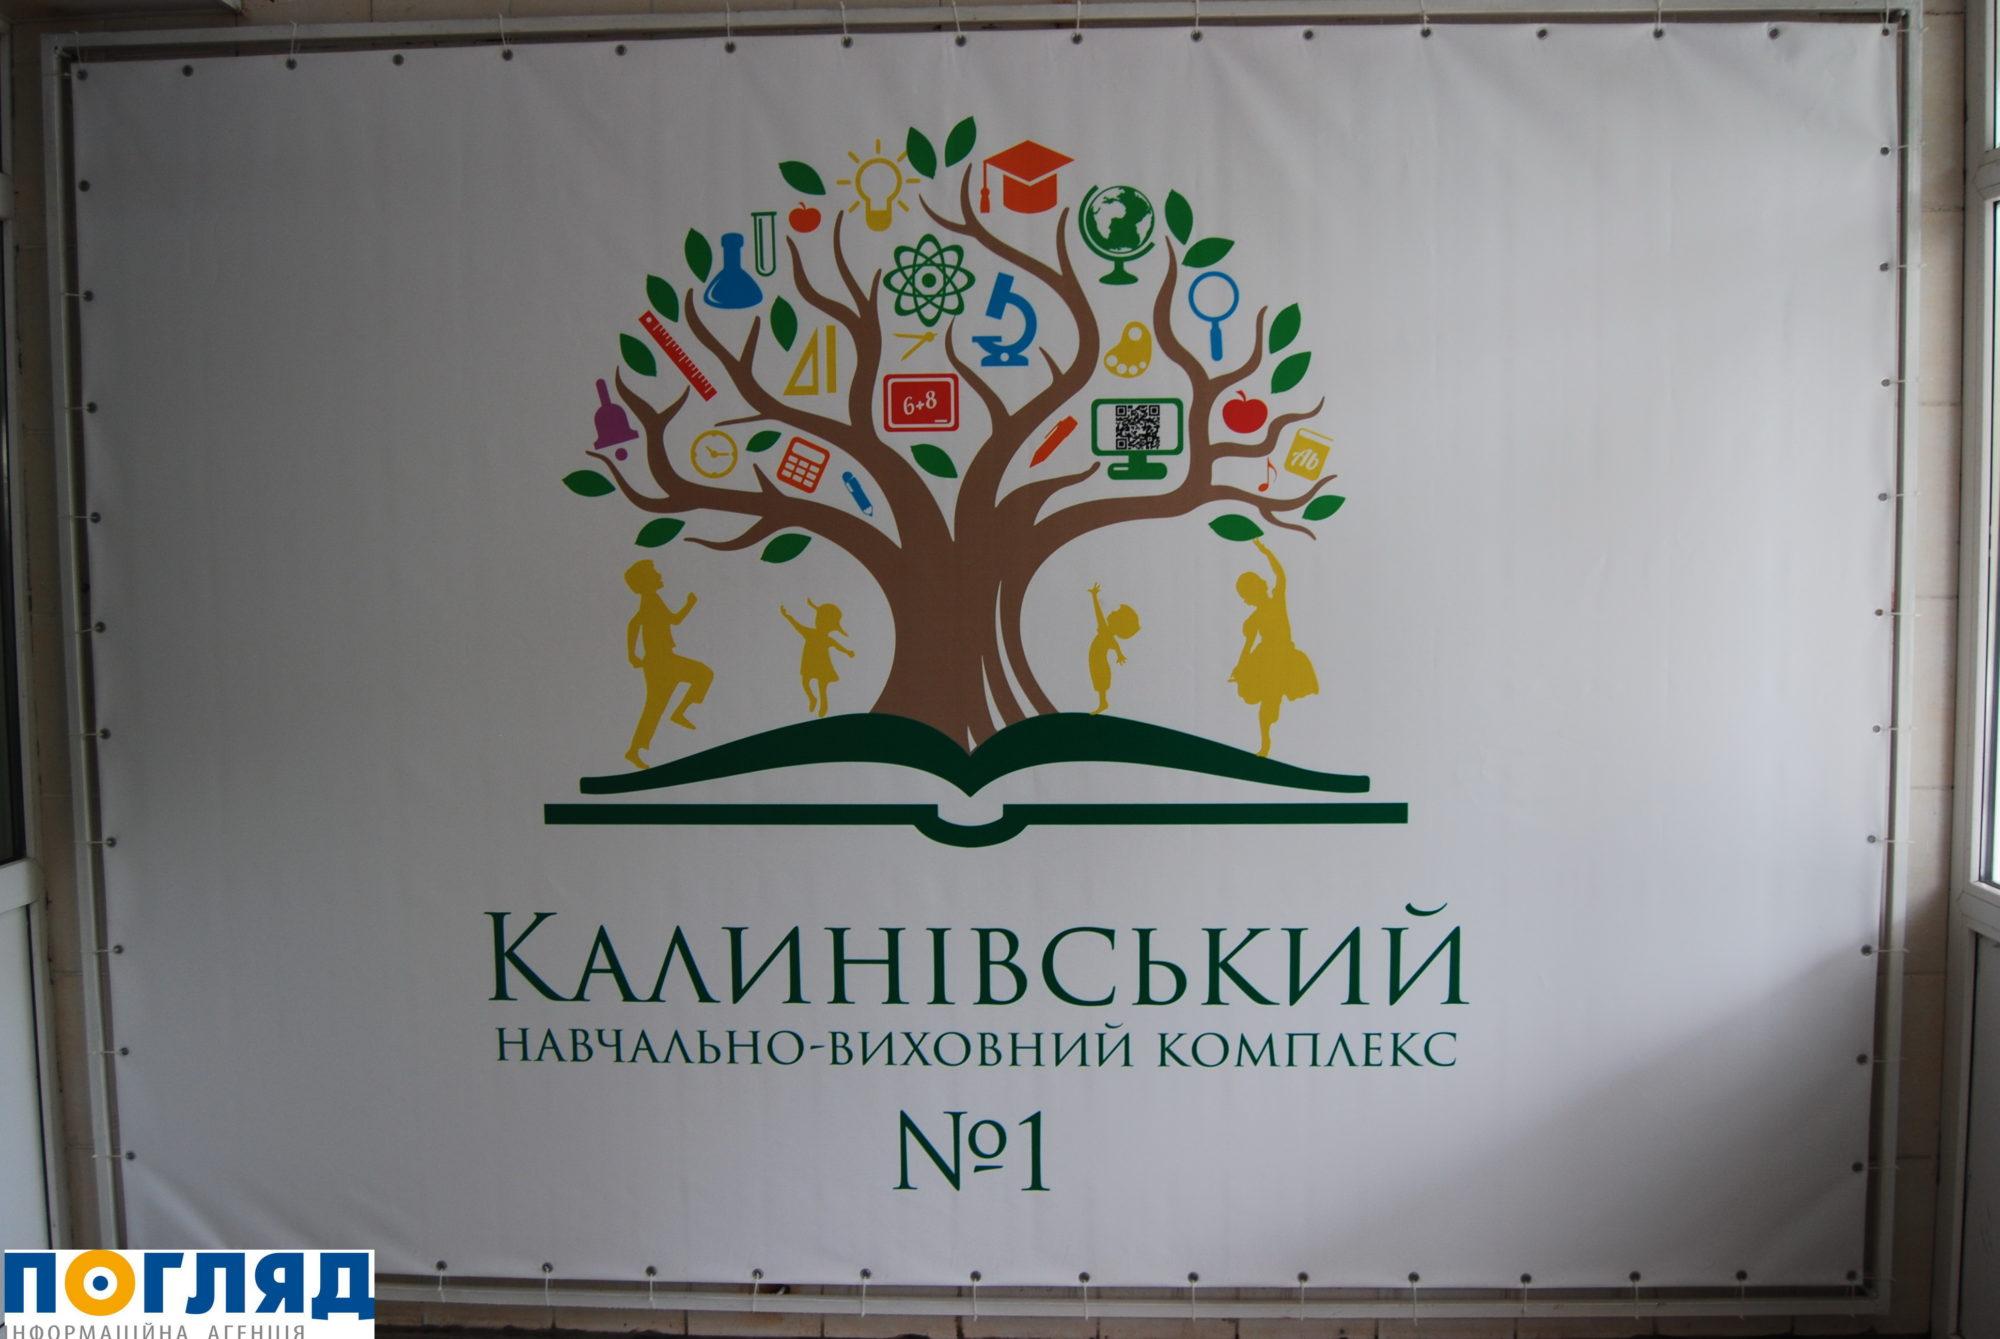 0000DSC_2086-2000x1339 Усе для дітей: Калинівський НВК №1 змінюється на очах